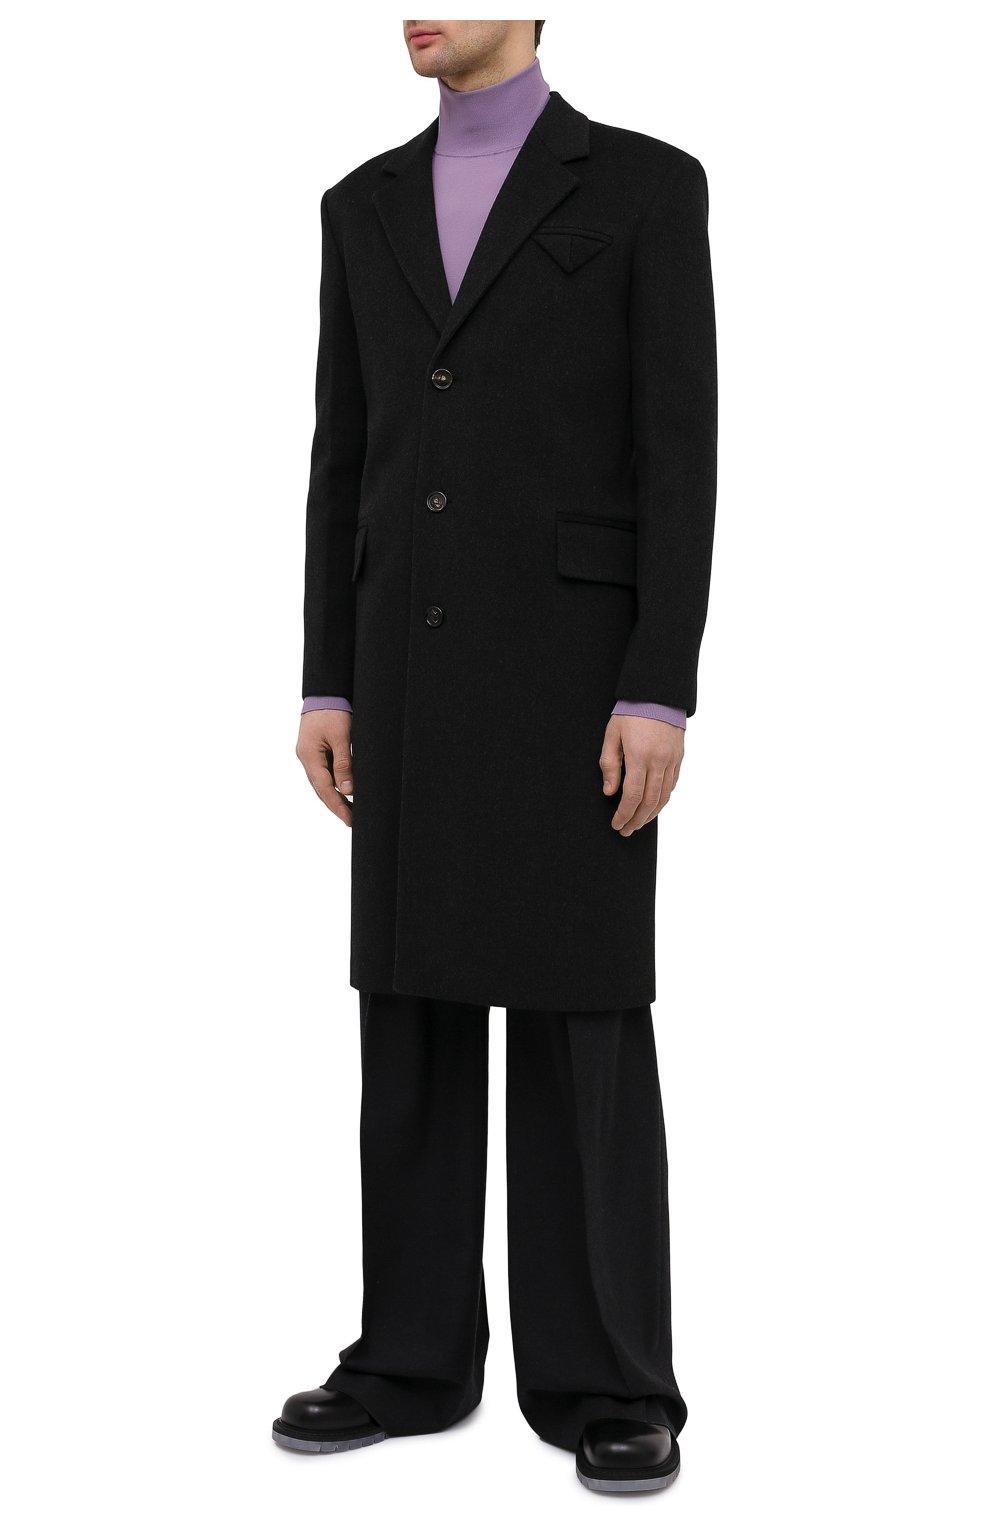 Мужской пальто из шерсти и кашемира BOTTEGA VENETA темно-серого цвета, арт. 650411/VKLU0   Фото 3 (Материал внешний: Шерсть; Рукава: Длинные; Длина (верхняя одежда): До колена; Материал подклада: Вискоза; Мужское Кросс-КТ: пальто-верхняя одежда; Стили: Минимализм)